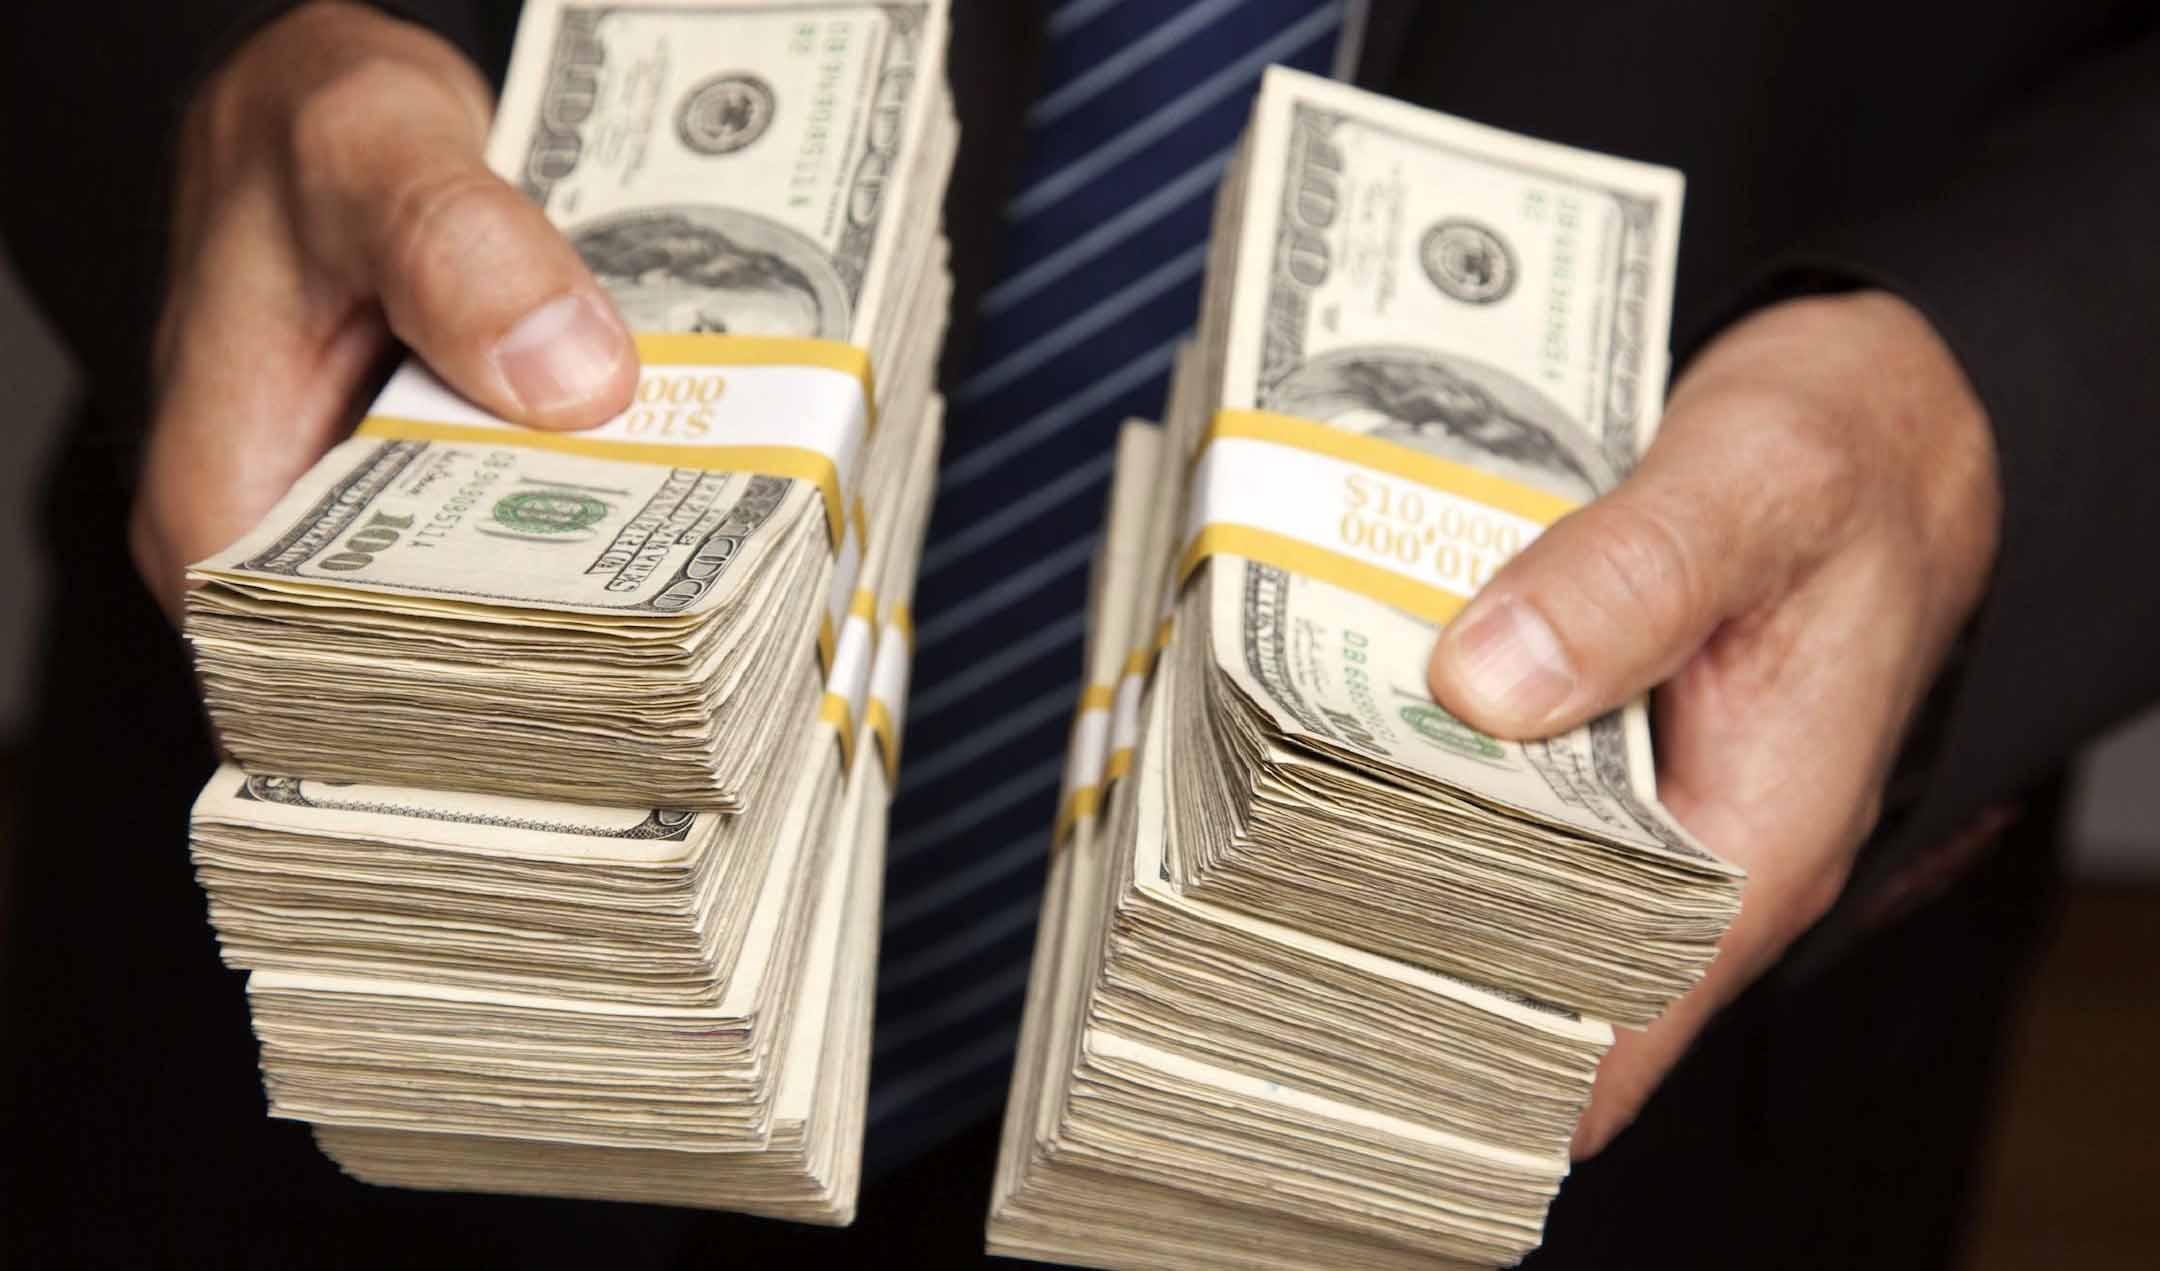 درآمد افراد طبقه مرفه چقدر است؟